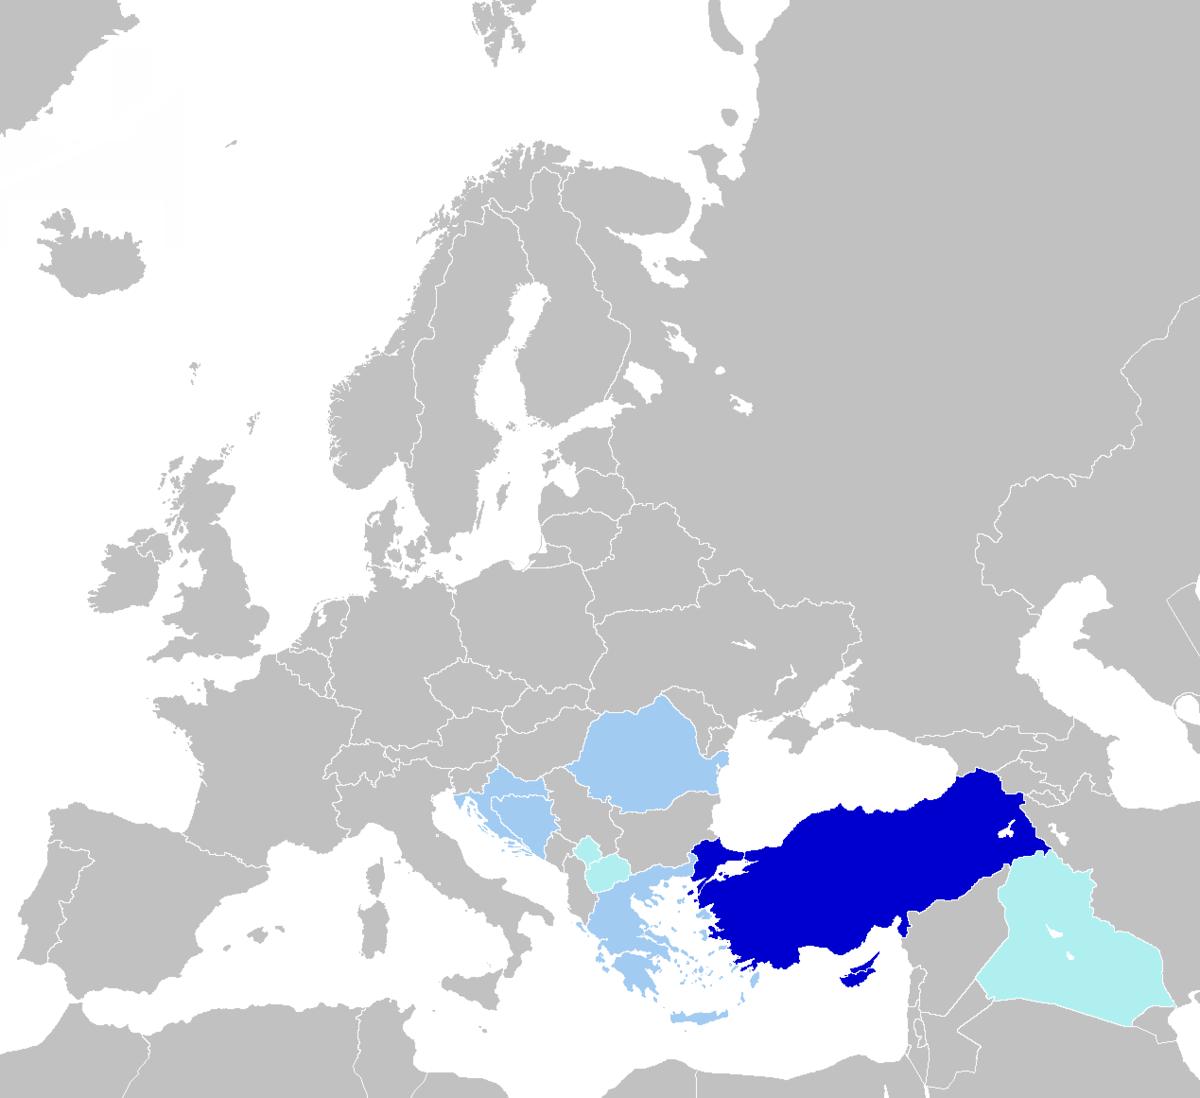 اللغة التركية ويكيبيديا